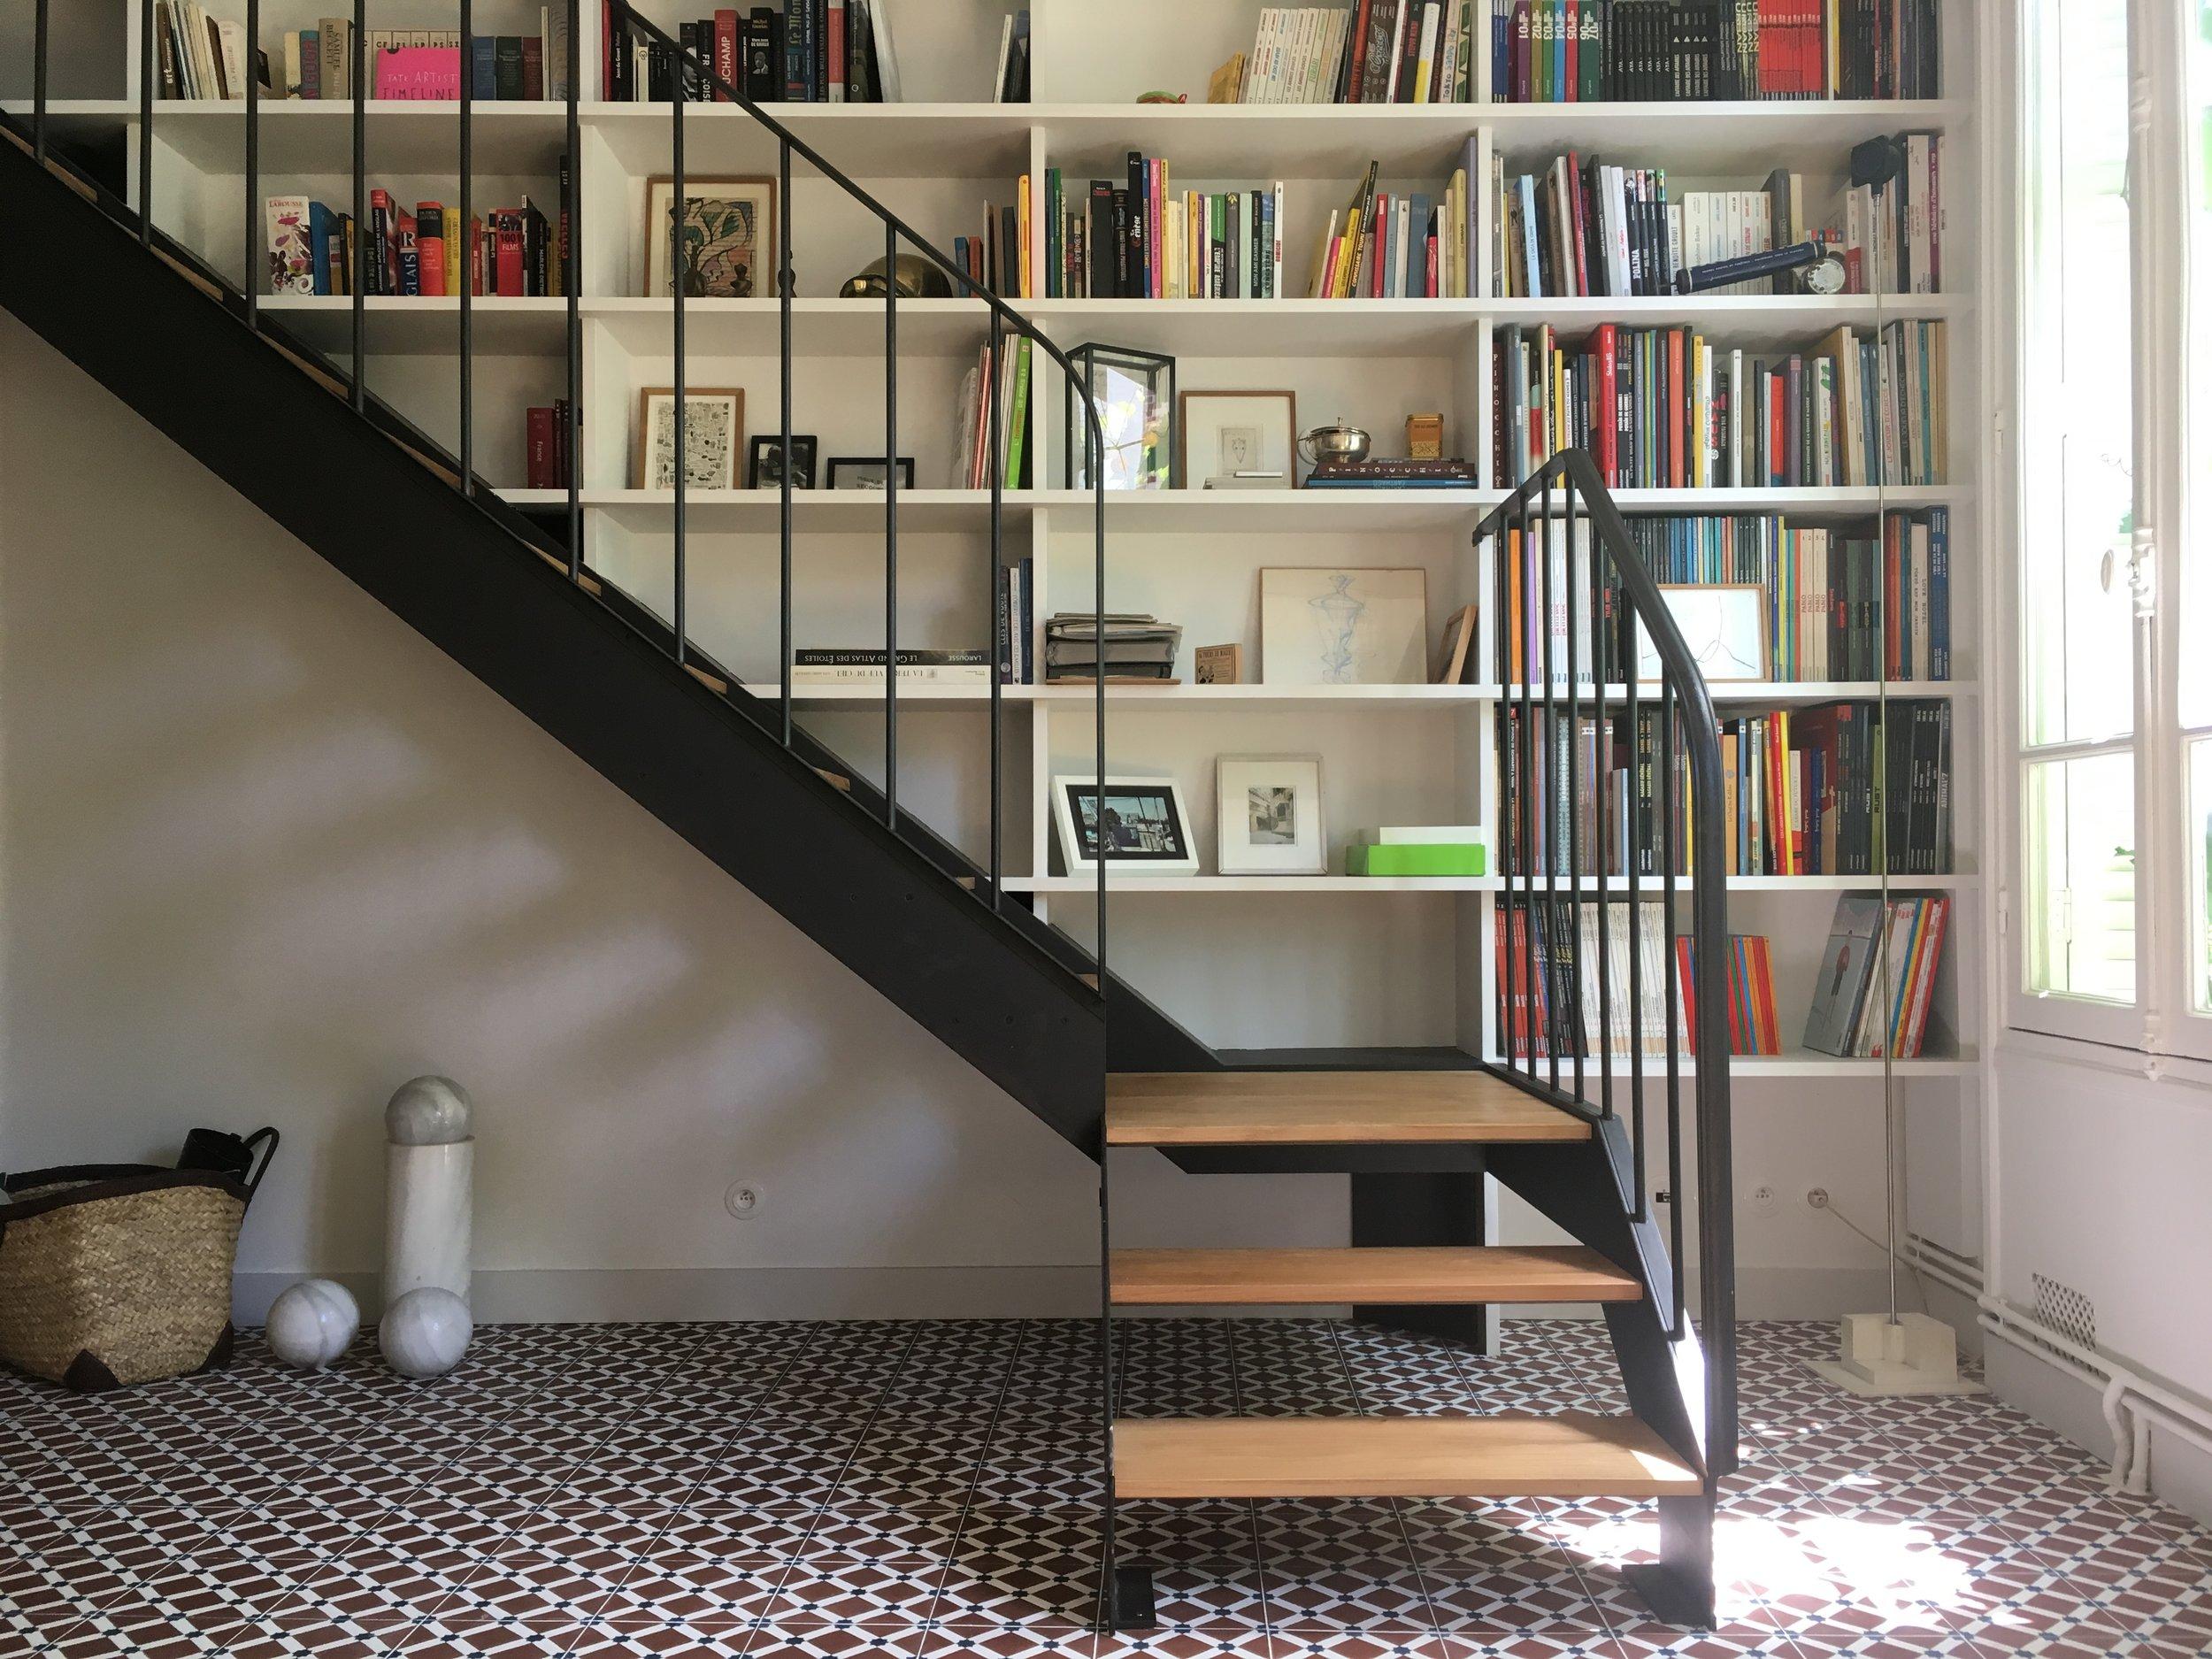 MAISON RONDEAUX - Rénovation complète d'une maison de ville180m2 | 75020 | Livré en avril 2018